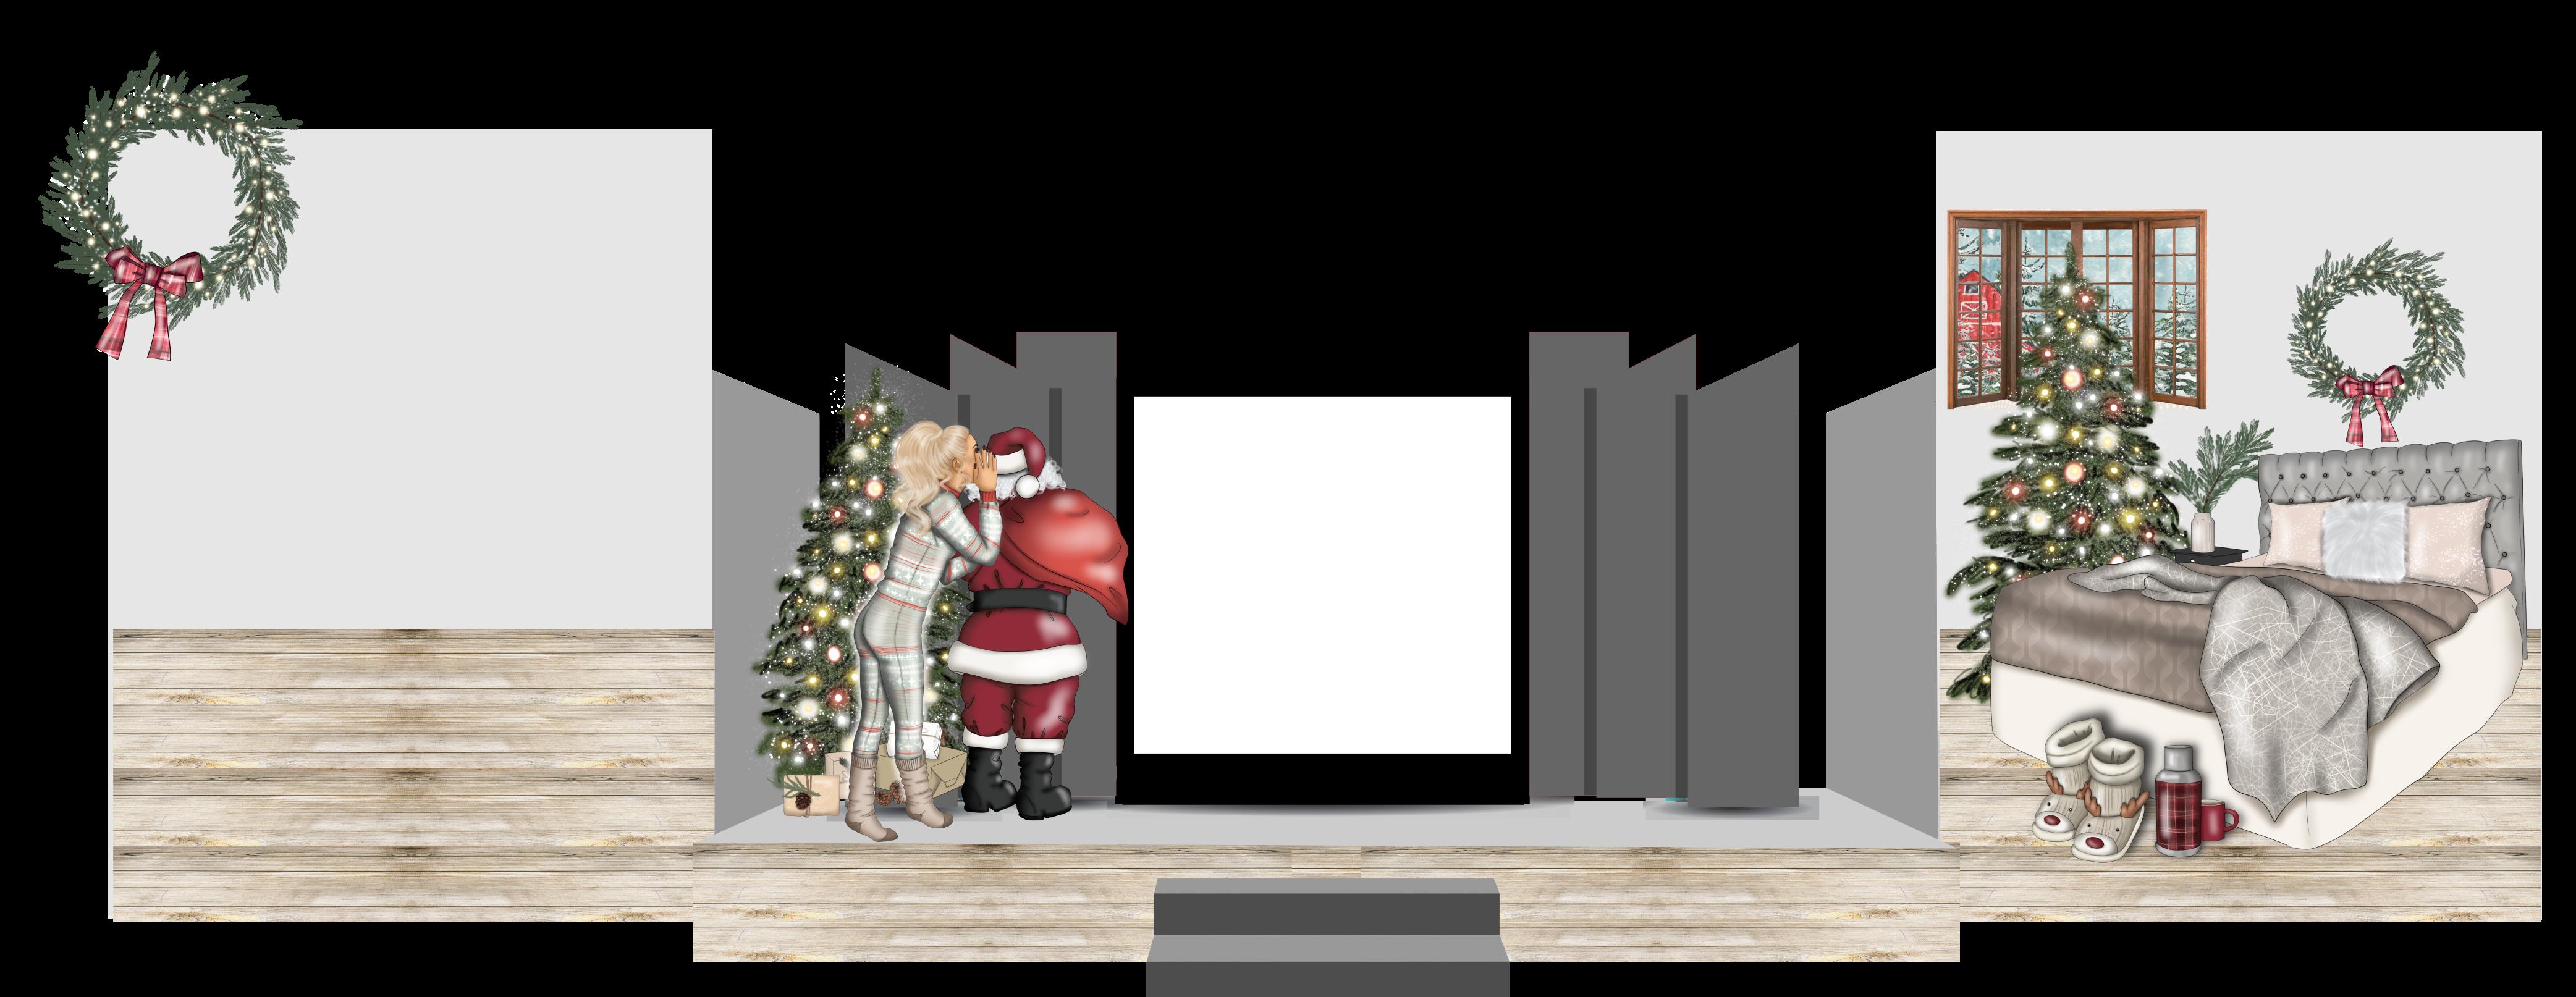 V-Booth Santa